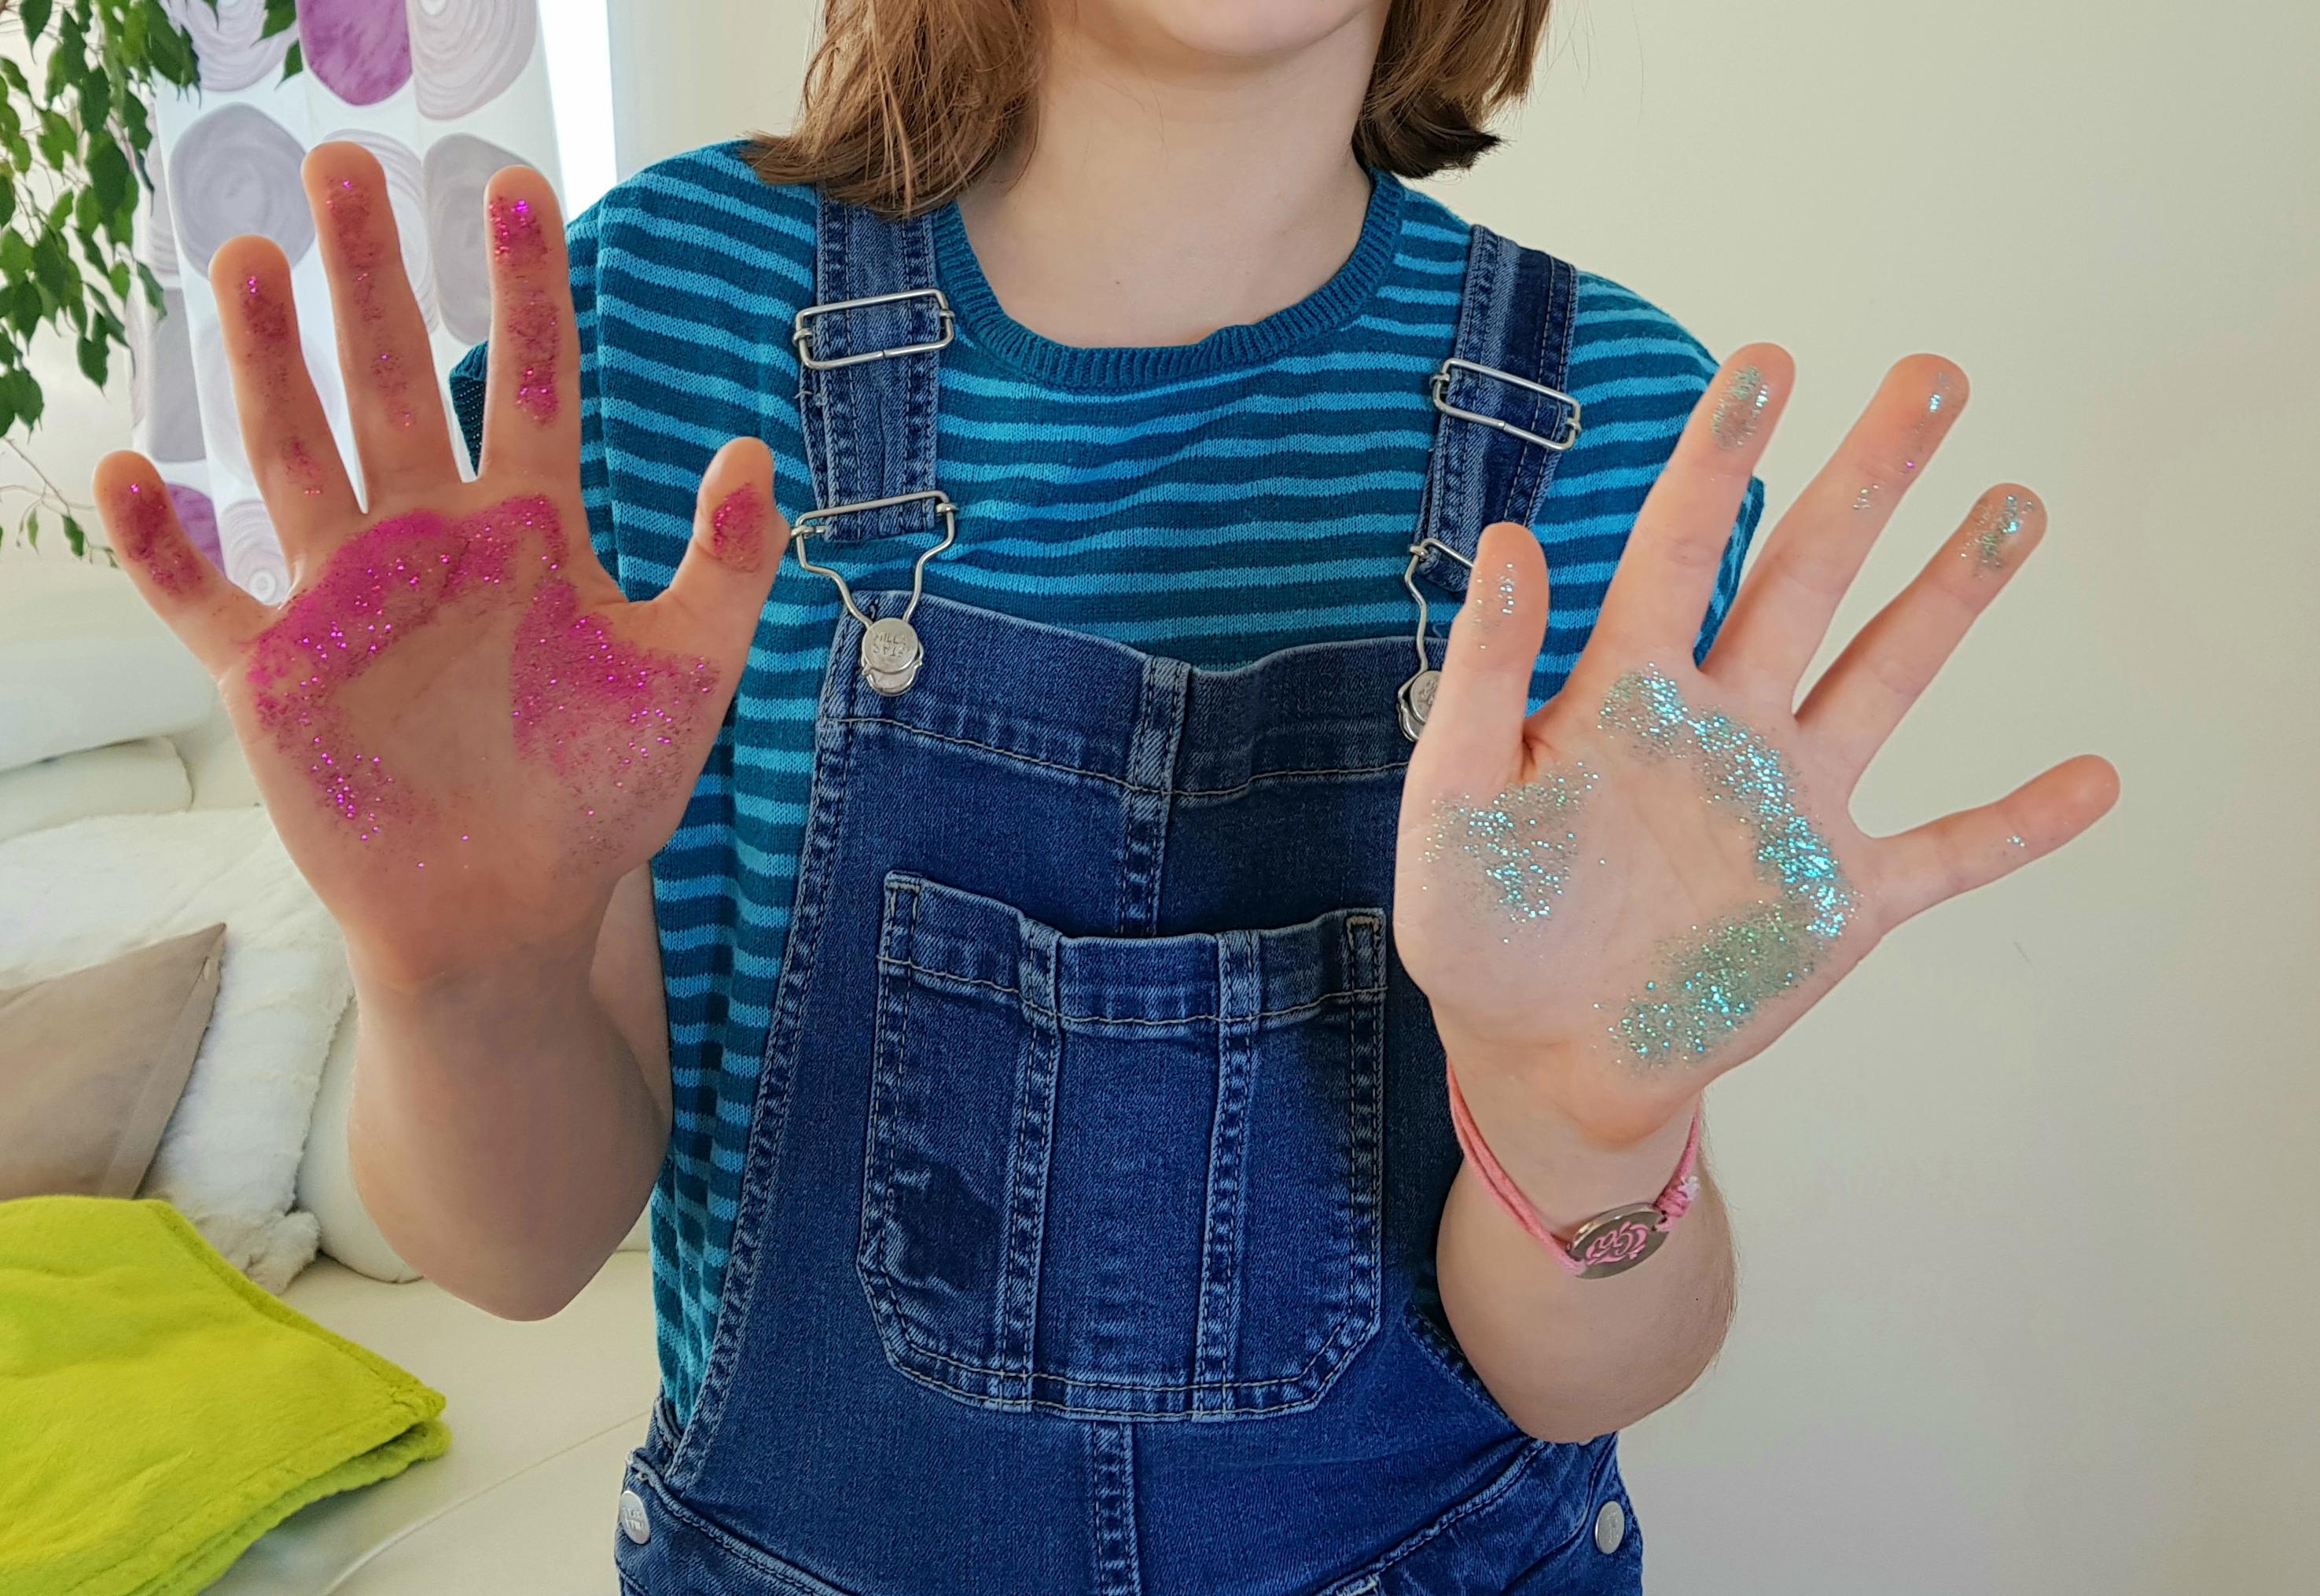 handen besmet met glitter kiemen